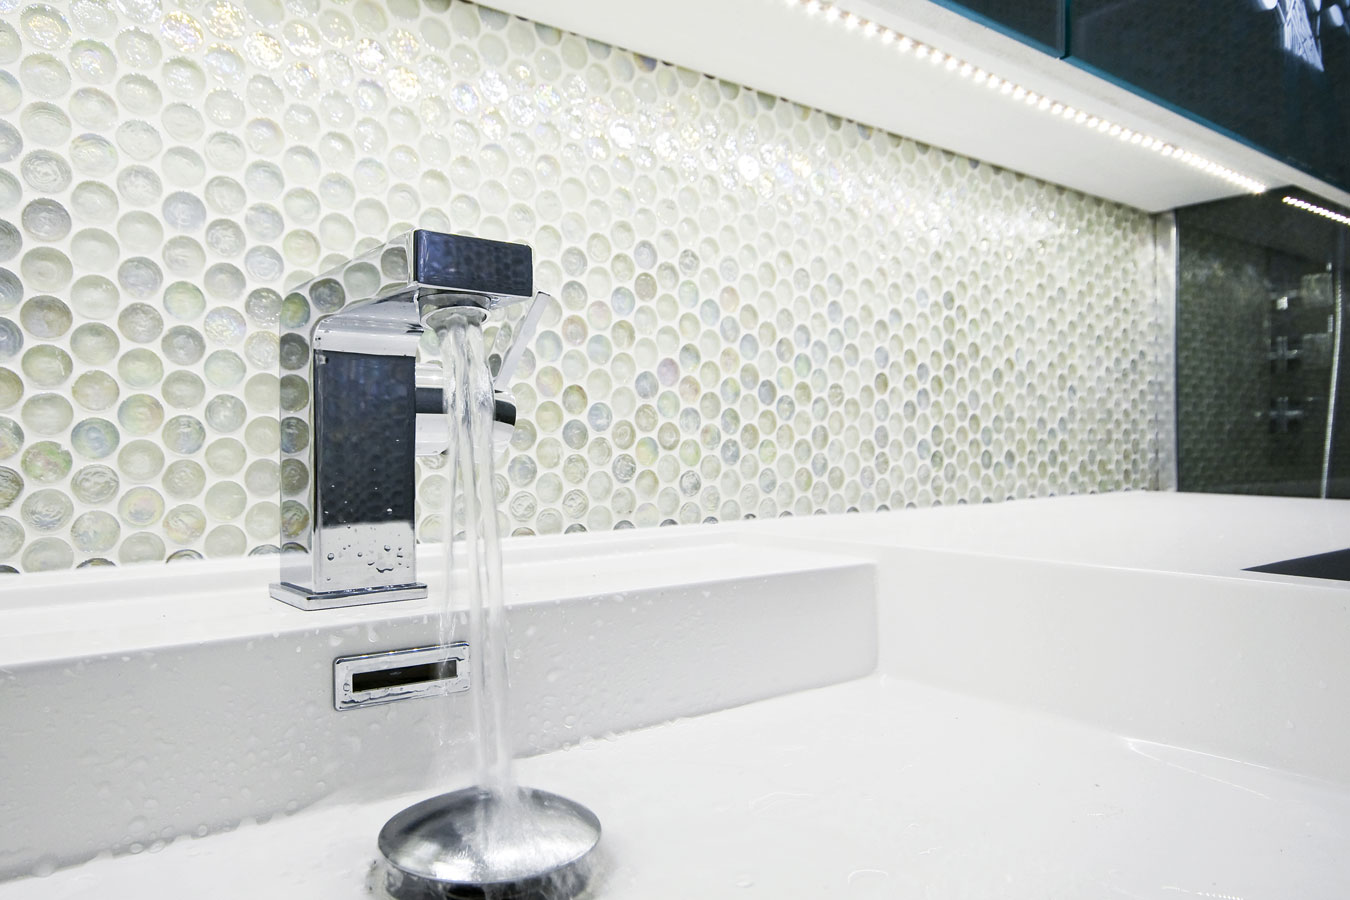 keuken wandtegels zonder voeg : Moza Ek Tegels In De Badkamer Materialen Inspiratie